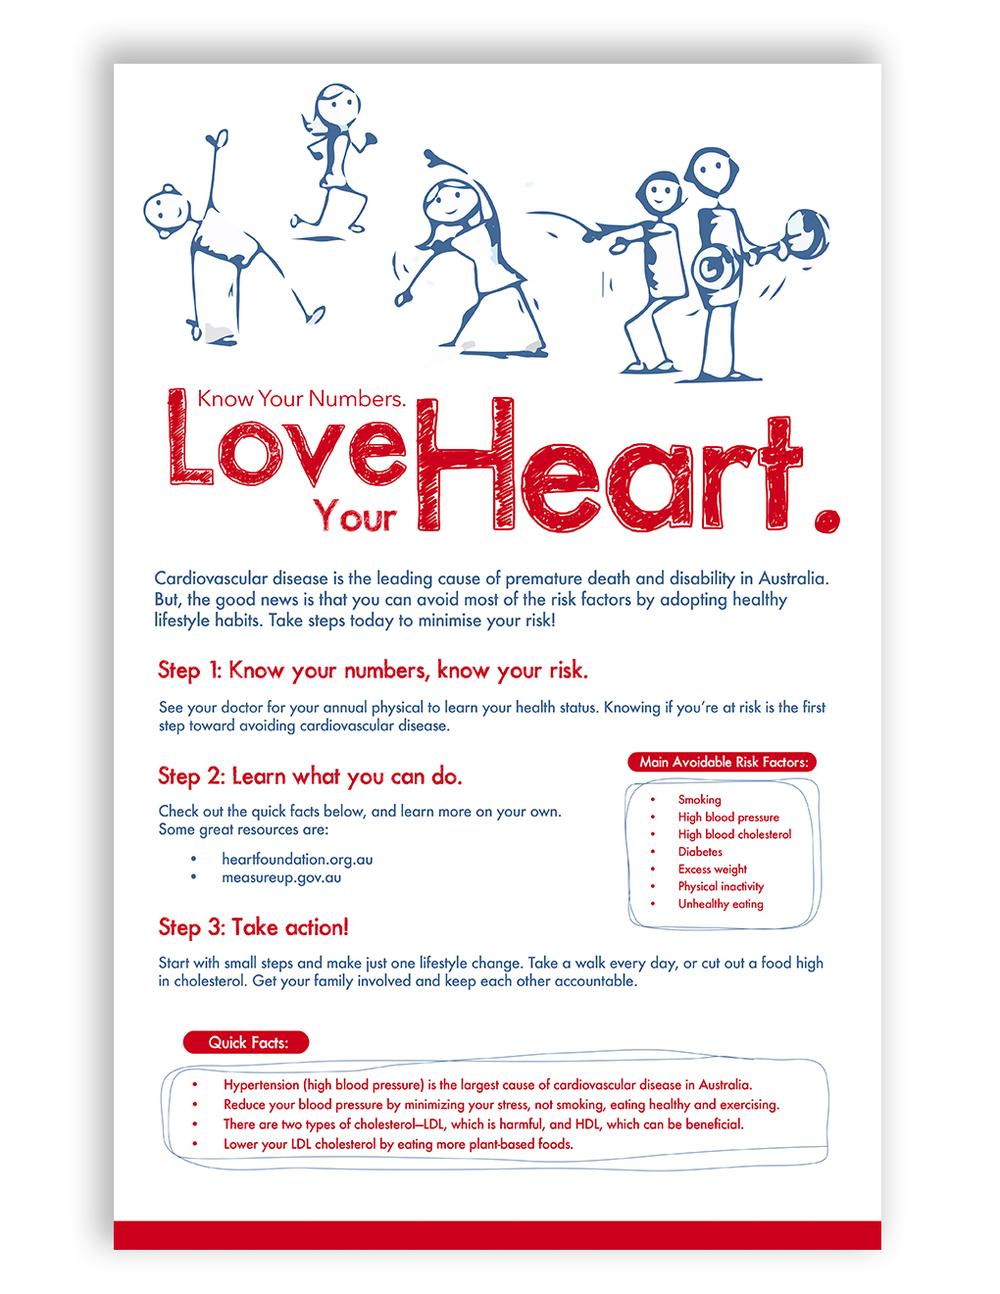 KBR_HEART_v2_20130425.jpg